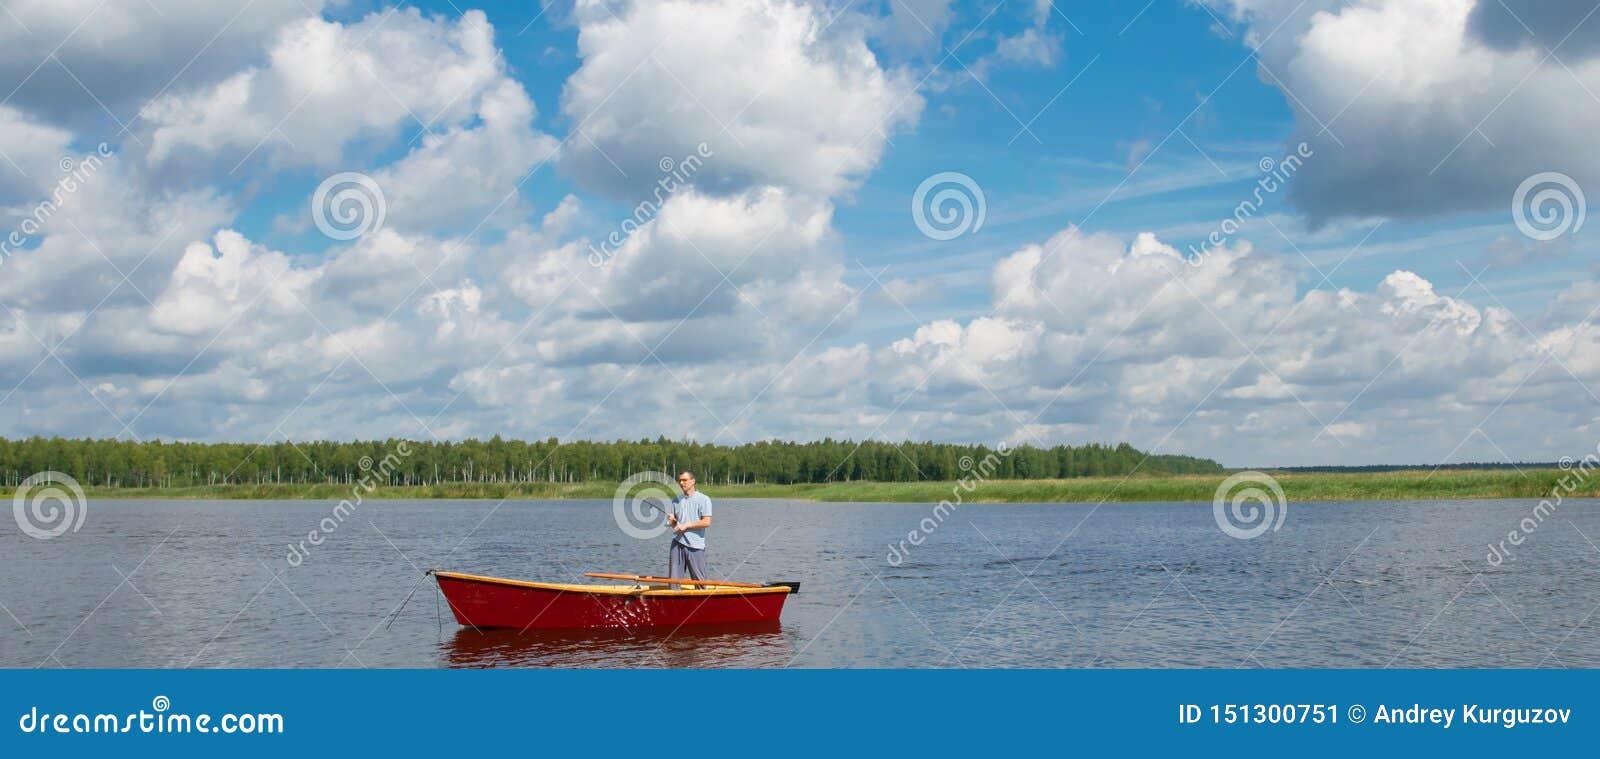 Человек в шлюпке, в центре озера, держит удя поляка для того чтобы уловить большую рыбу, против красивого неба